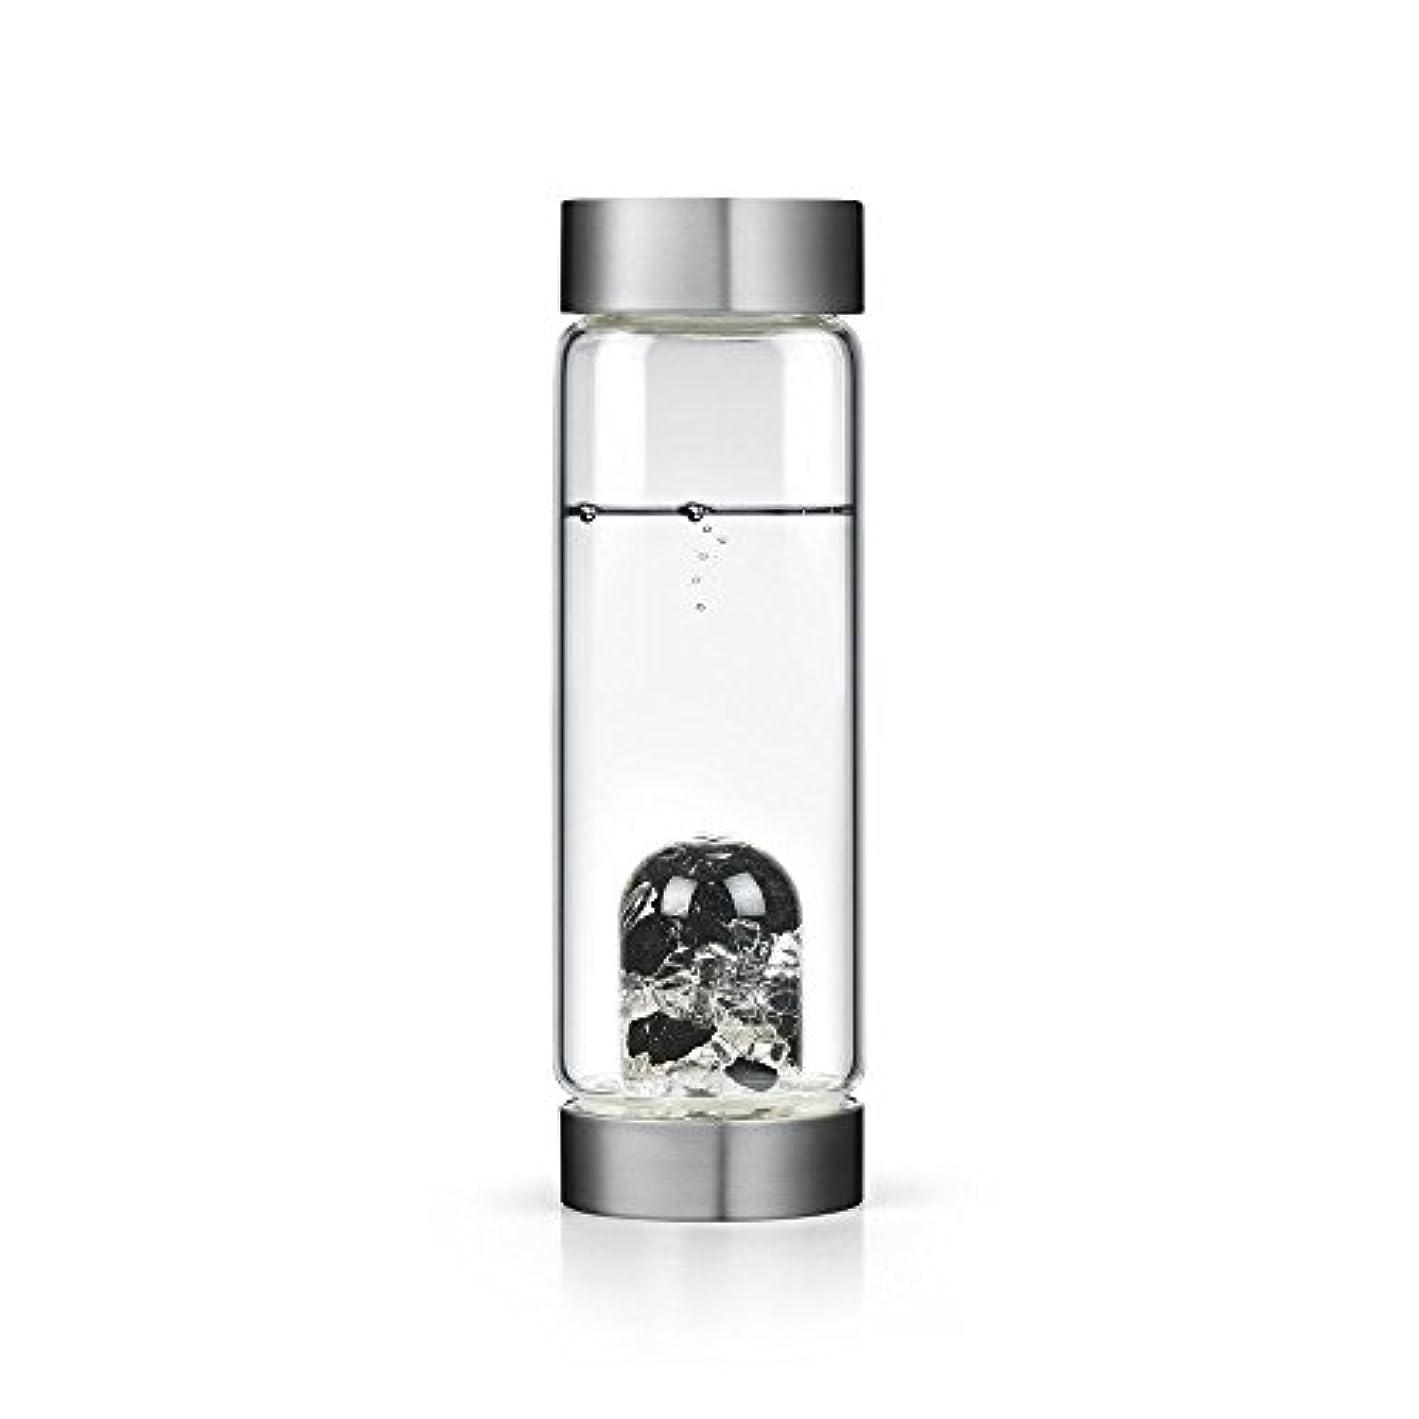 ゼリー正規化同性愛者ビジョンクリスタルエディションgem-waterボトルby VitaJuwel W / Freeカリフォルニアホワイトセージバンドル 16.9 fl oz